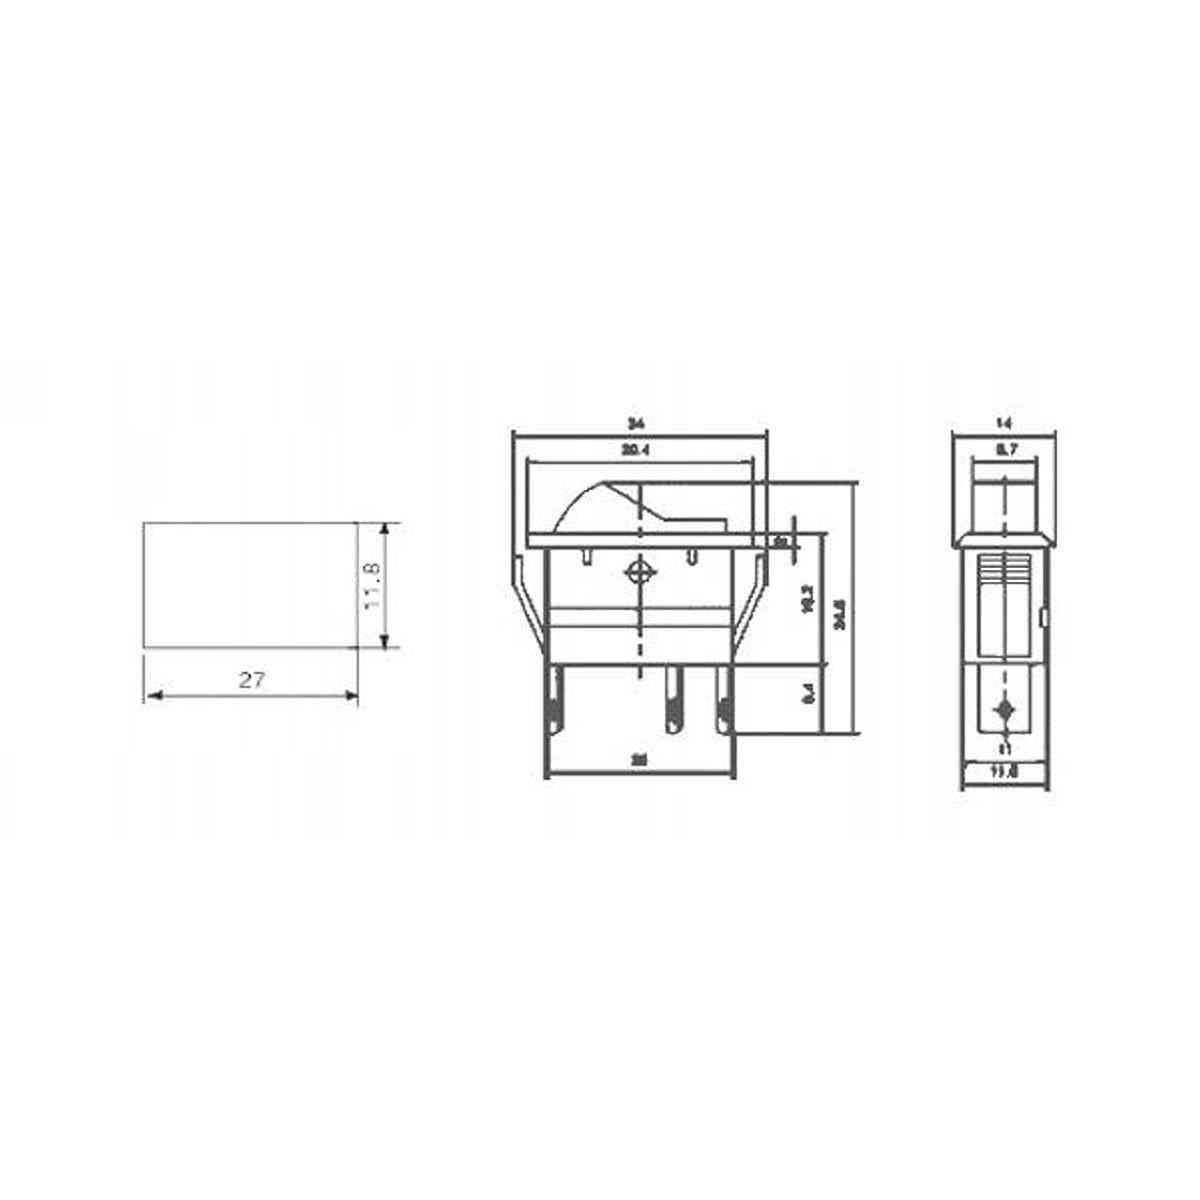 Kfz-Schalter, 3-polig 12V/20A, blau, 2 Stellungen: EIN: Amazon.de ...